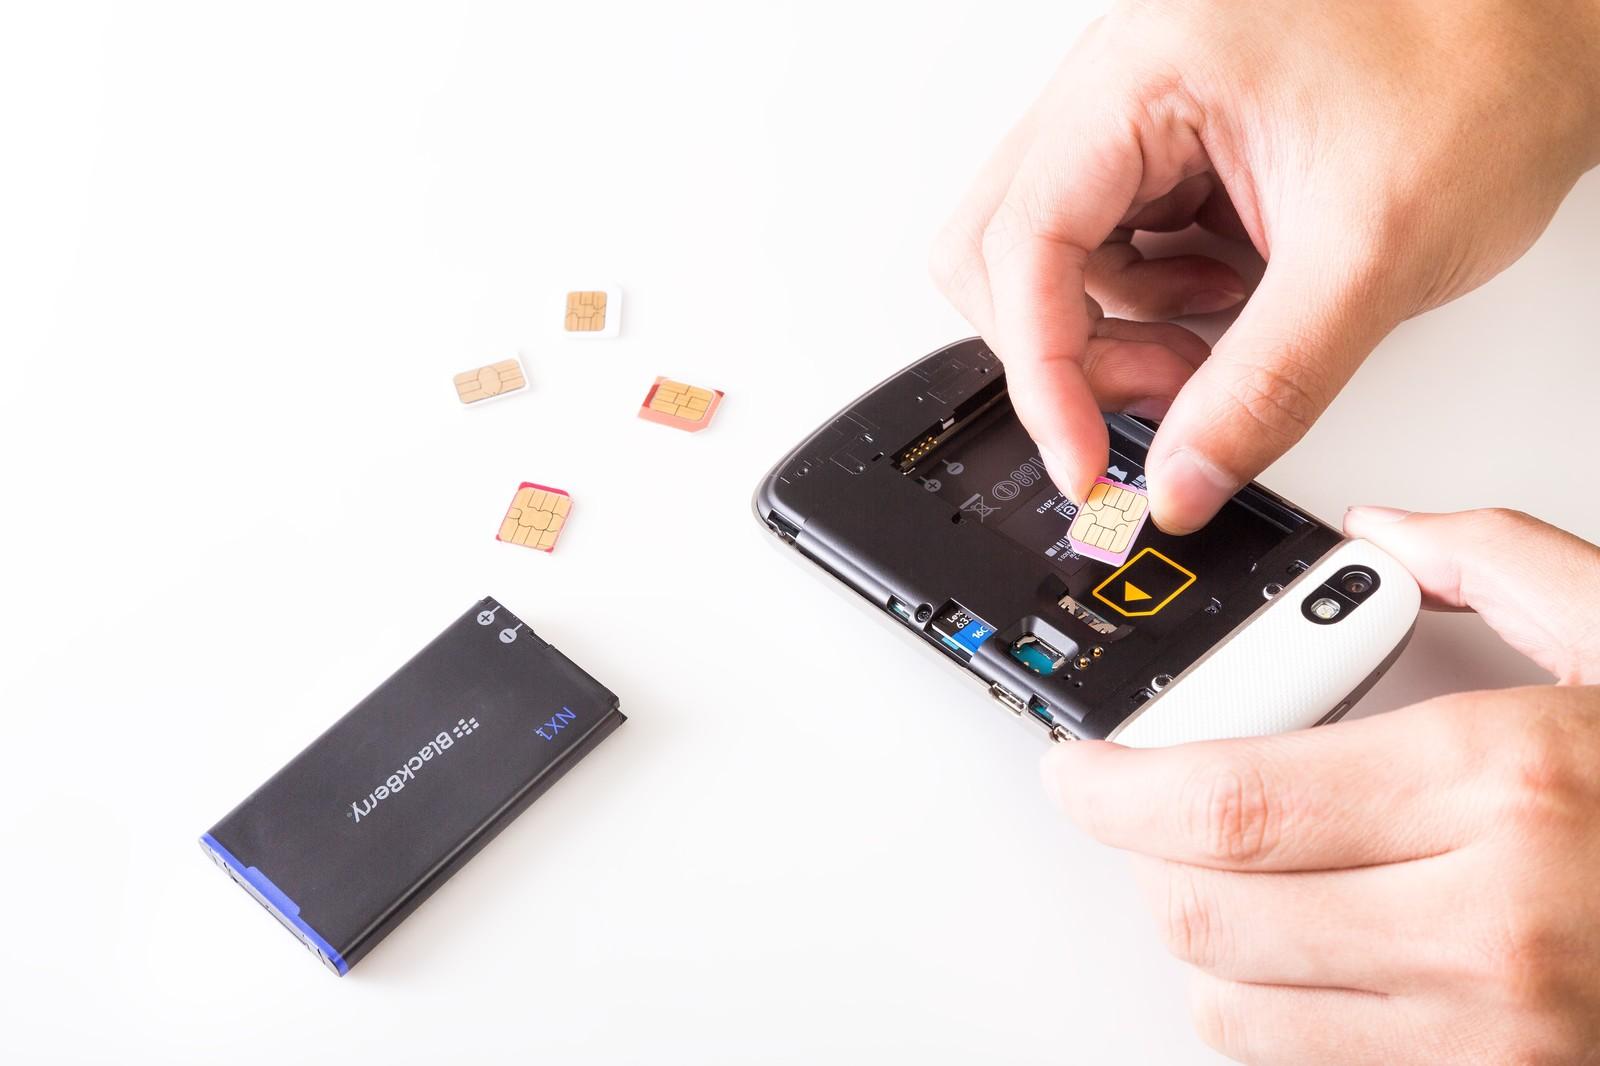 格安SIMの解約方法や時期は?各社解約方法まとめ